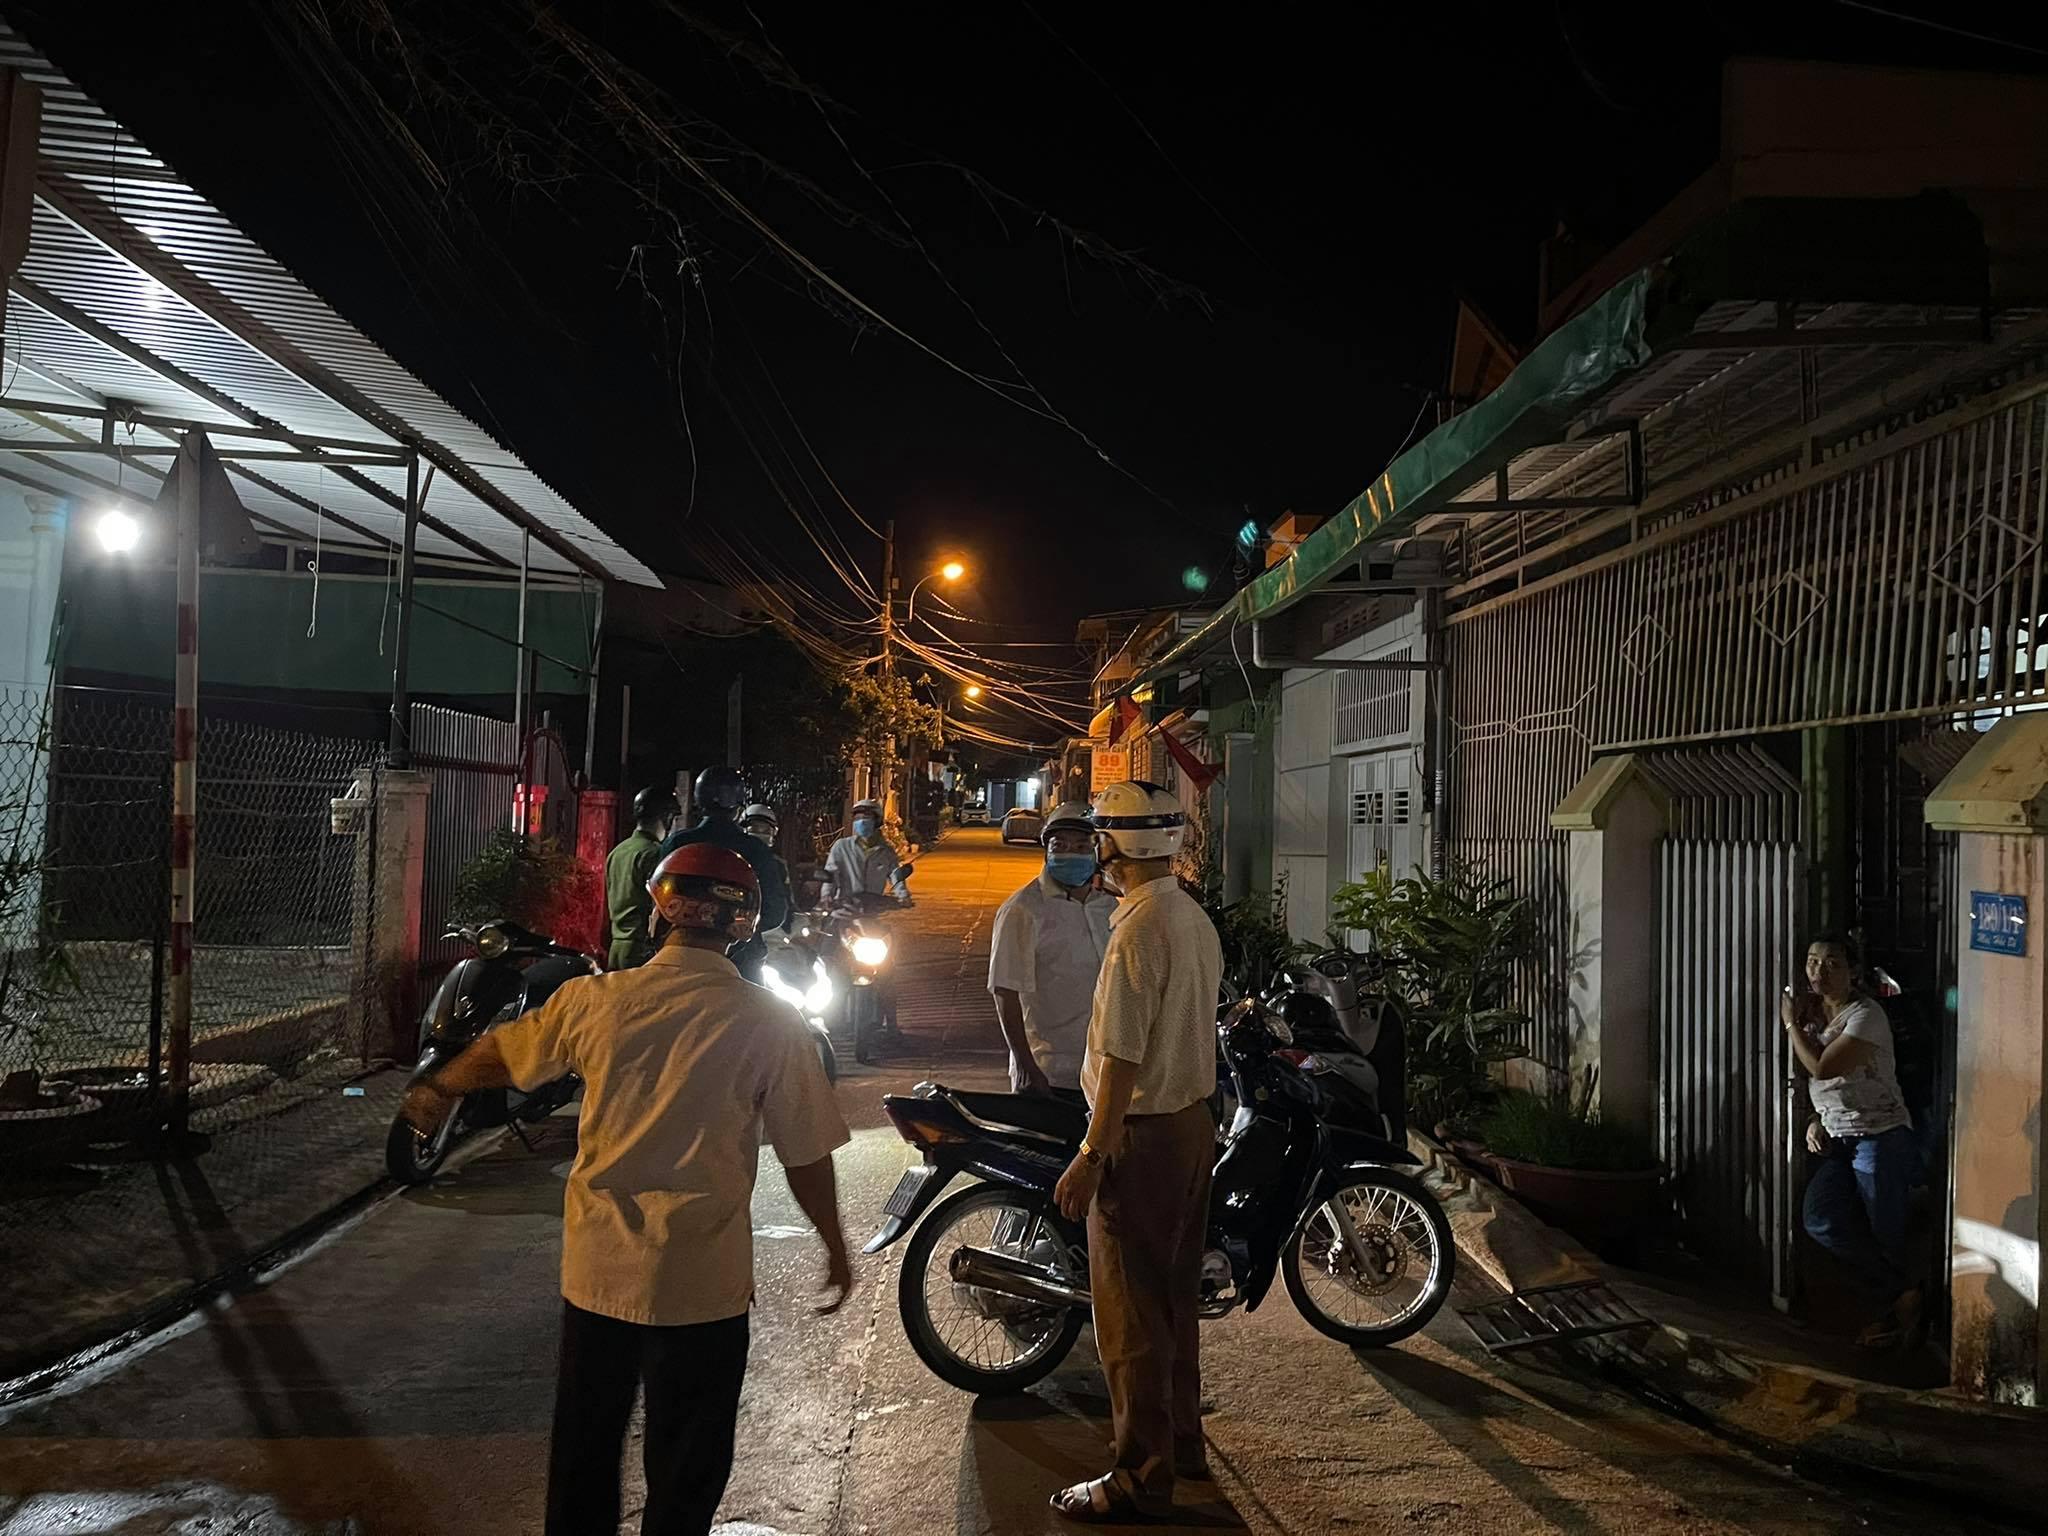 Ca Covid-19 ở Đắk Lắk: Đóng cửa một trường học, cách ly hàng trăm người liên quan - Ảnh 1.